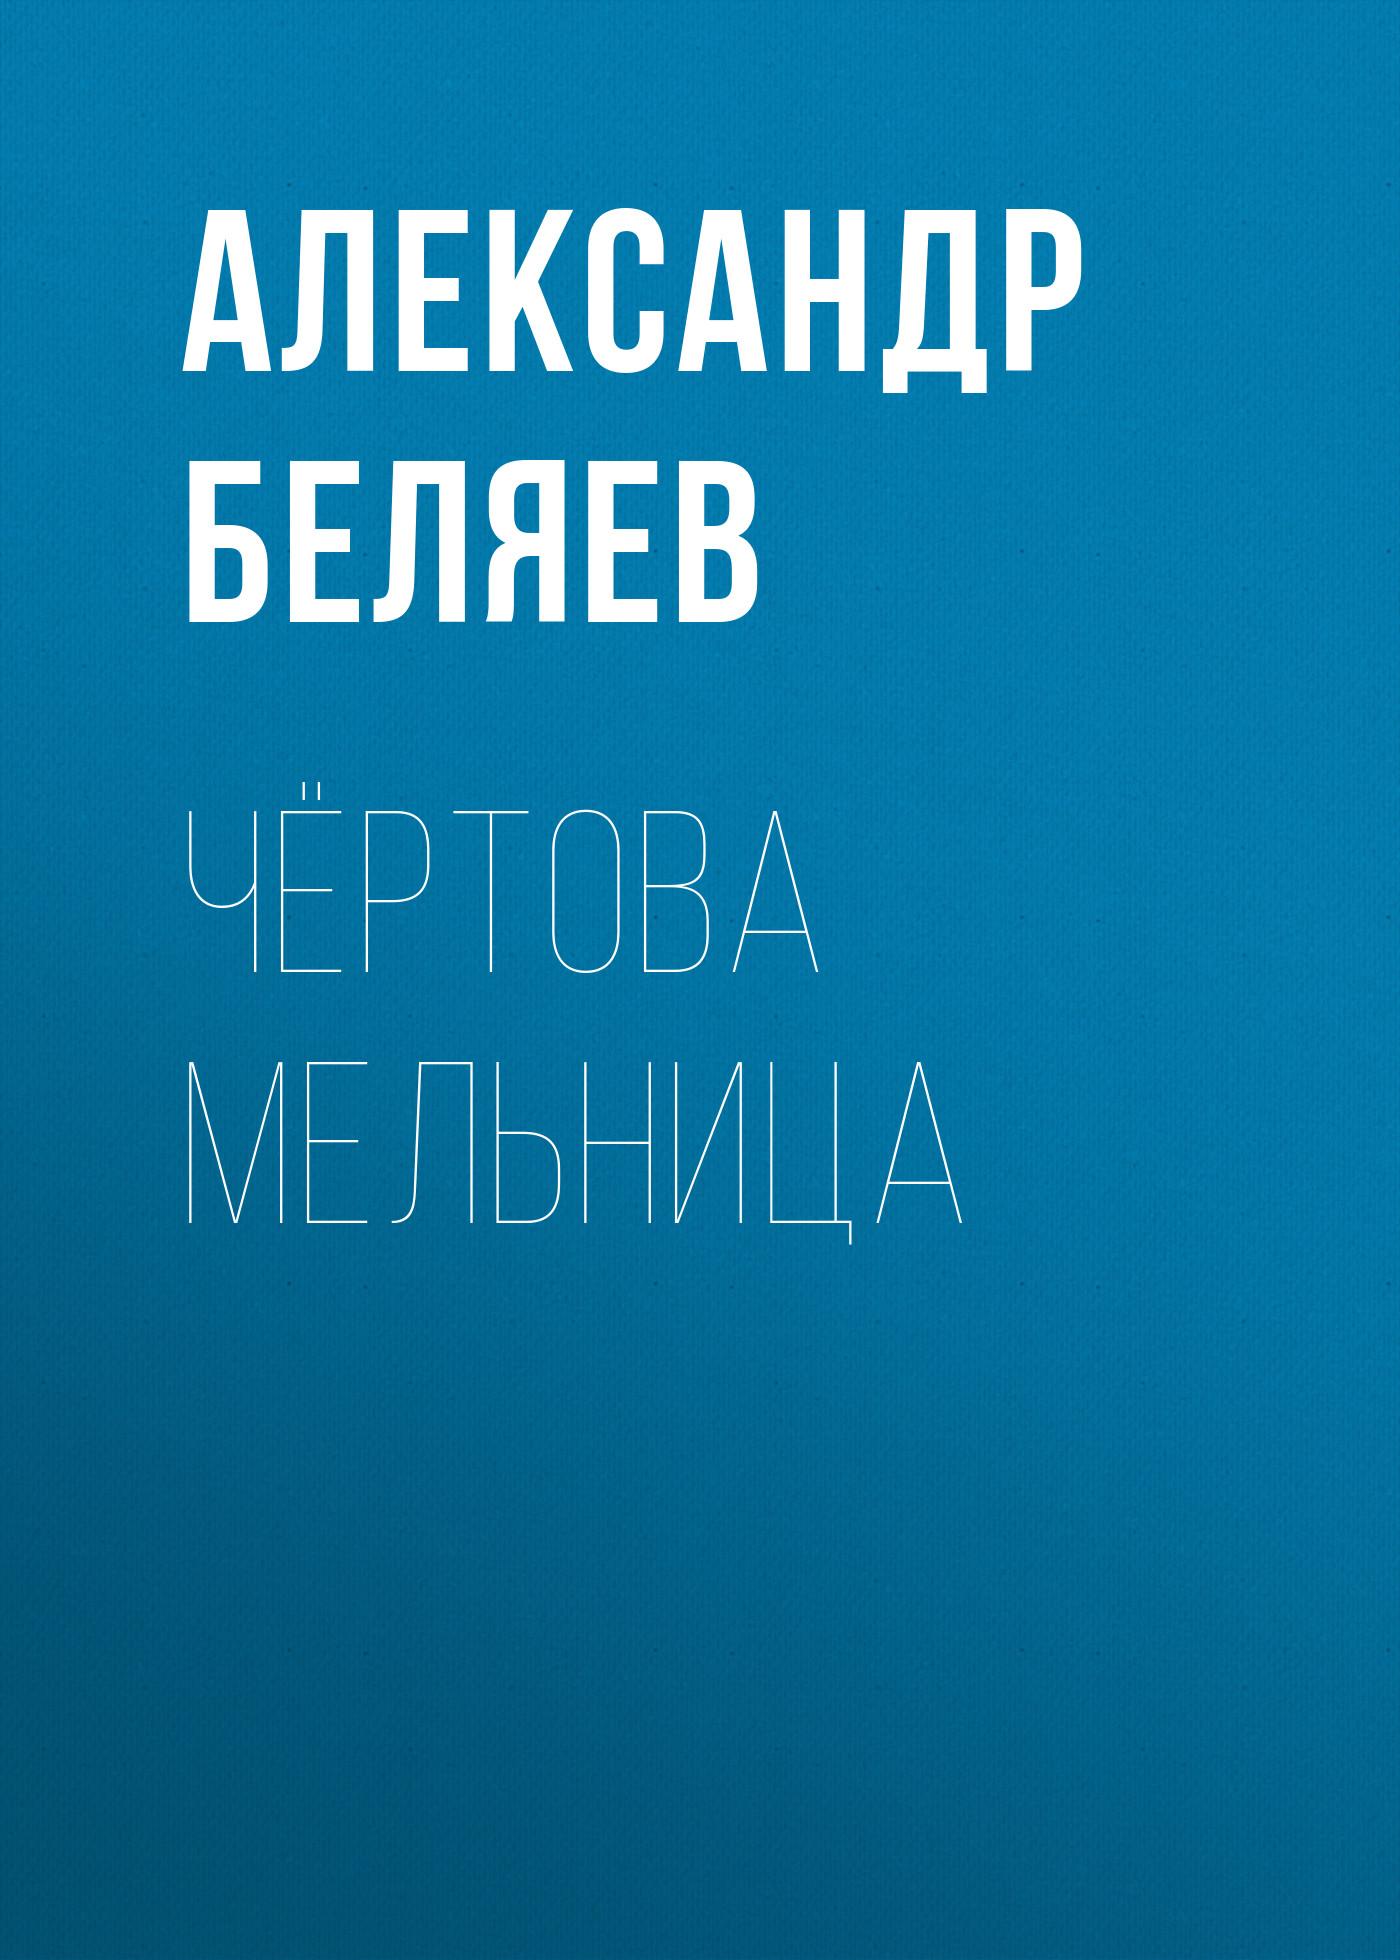 Александр Беляев Чёртова мельница александр беляев чёртова мельница